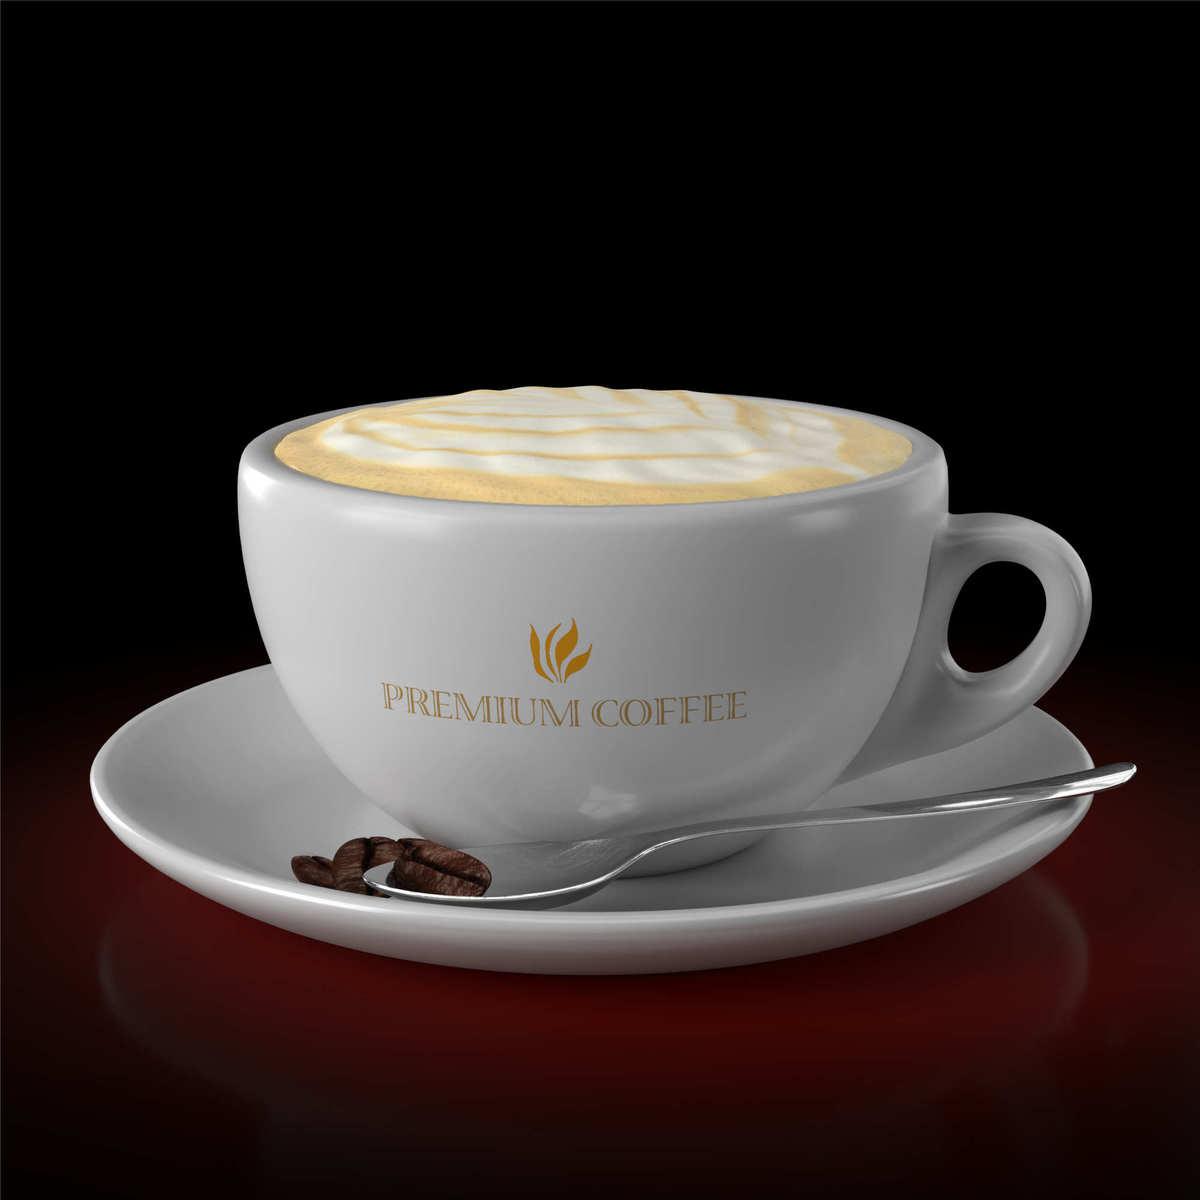 PBR Coffee